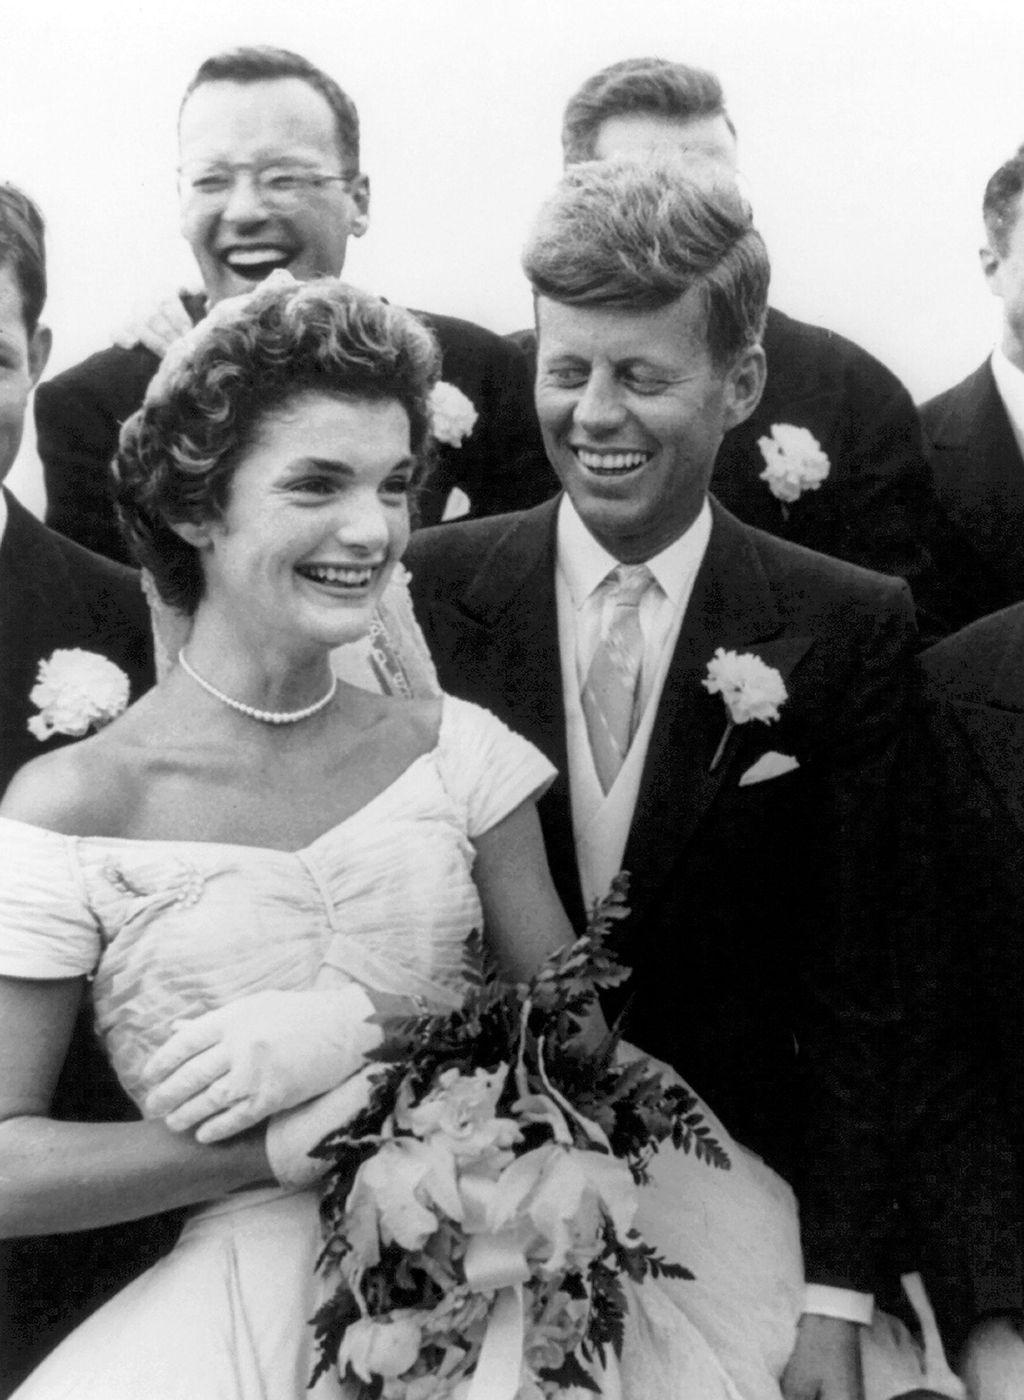 """Pettäjä-Kennedyn kirjeet ruotsalaiselle rakastajattarelle myydään: """"Kesä kanssasi oli ihana…"""""""